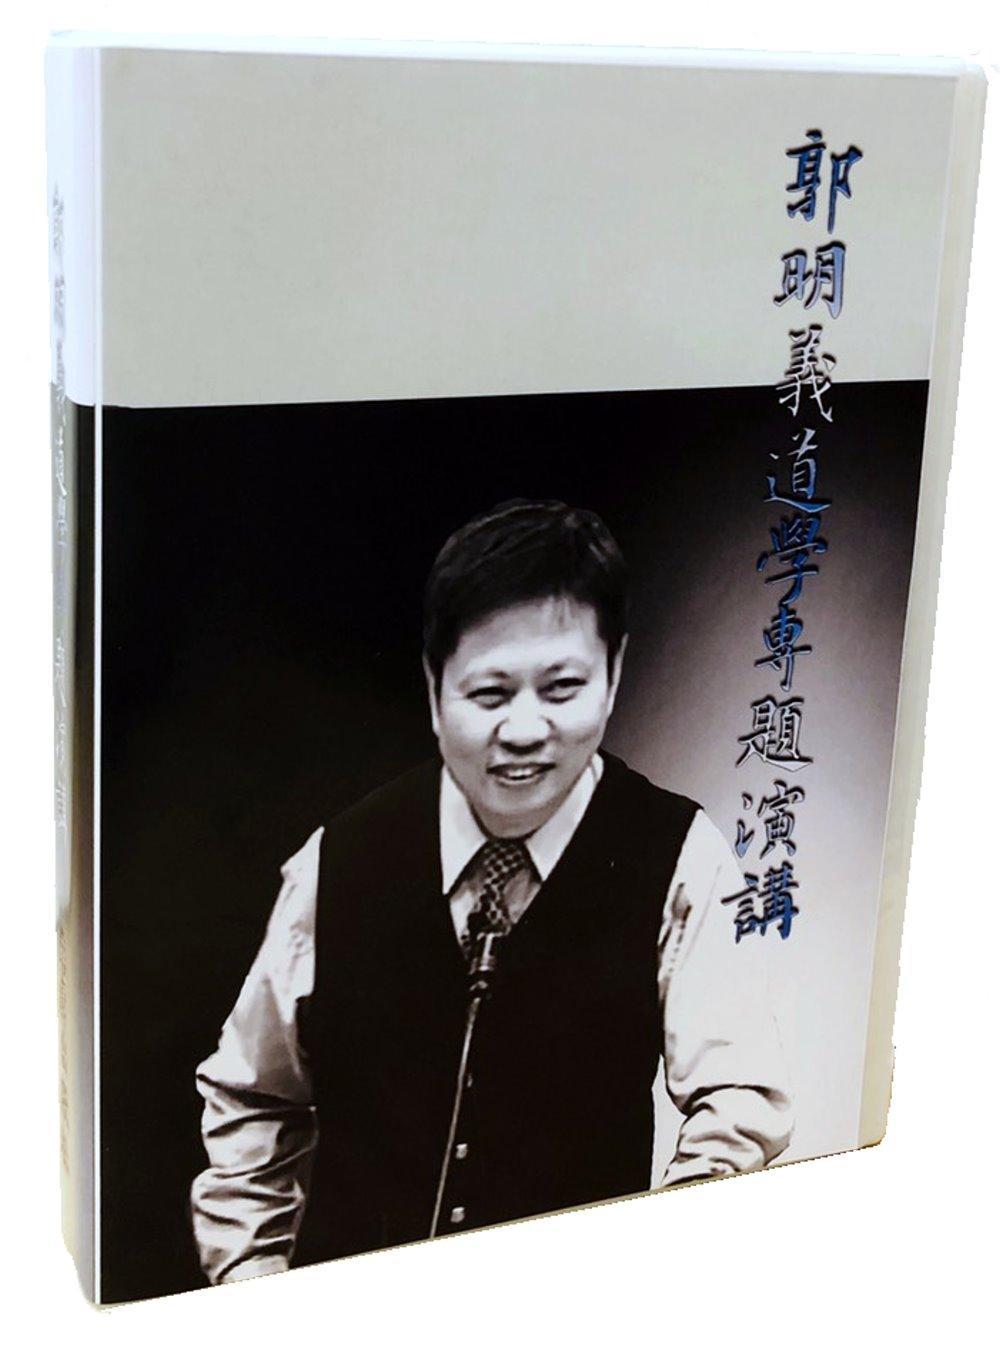 郭明義道學專題演講 (15張CD)